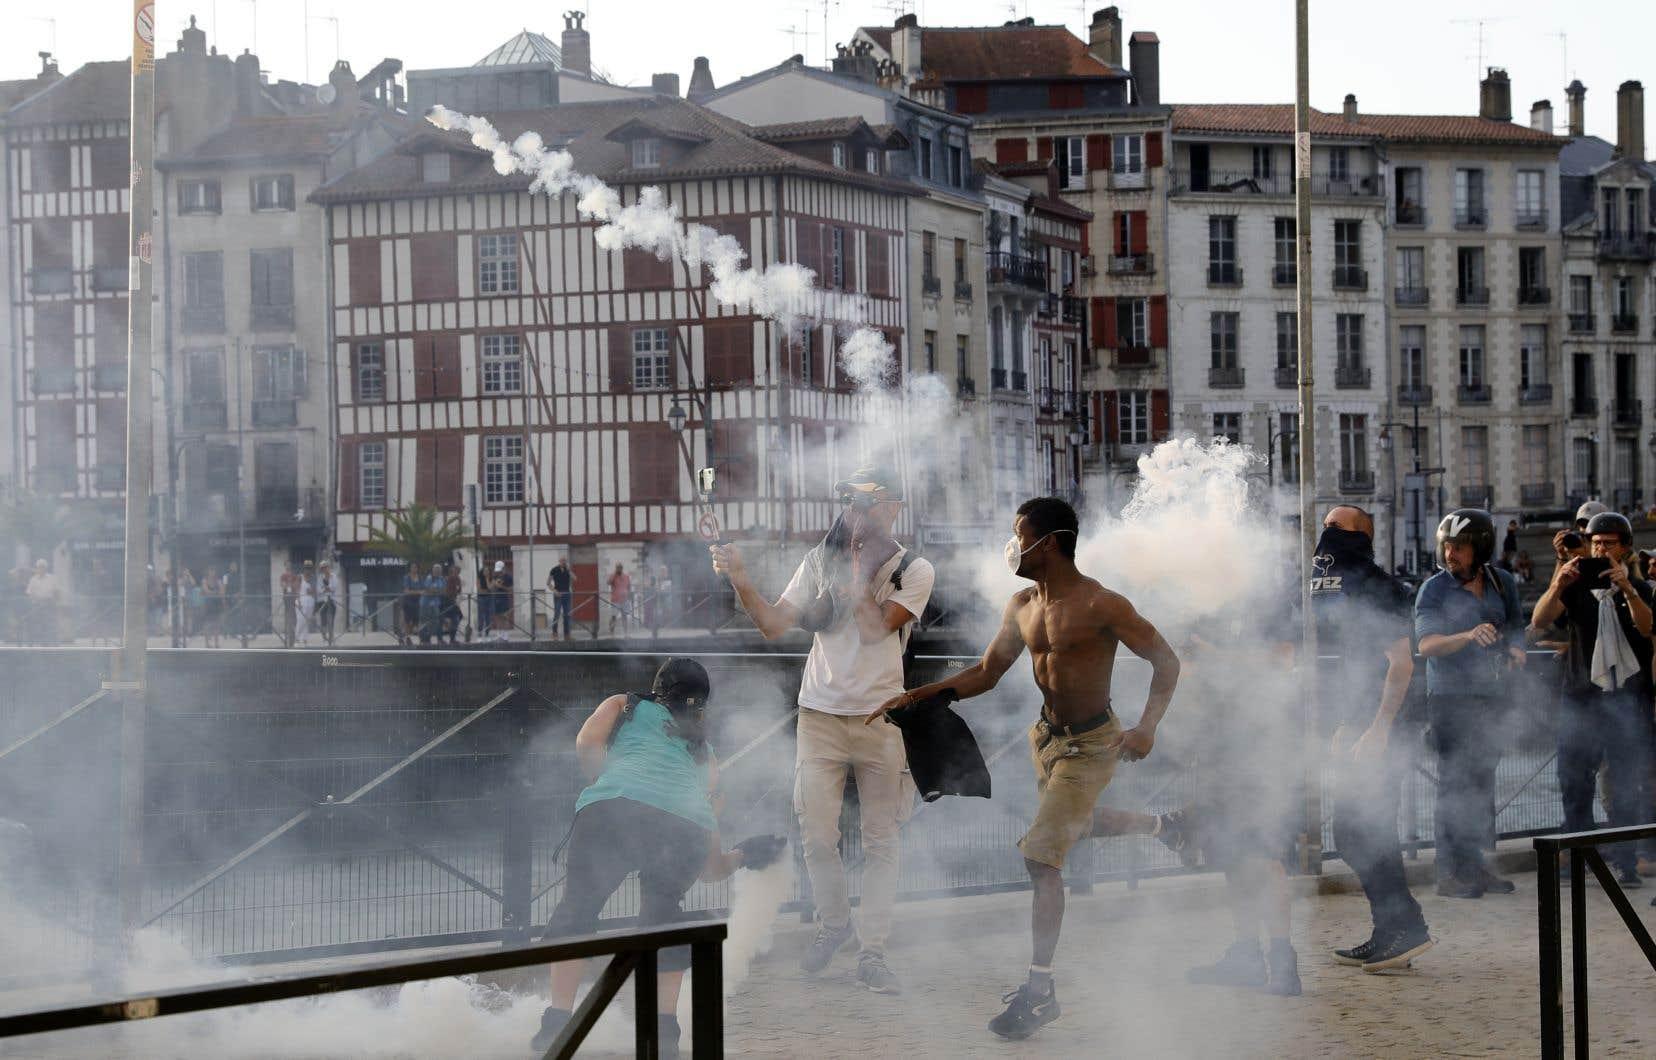 Un manifestant à Bayonne lance un projectile vers des membres des forces de l'ordre, au milieu d'un nuage de gaz lacrymogènes.